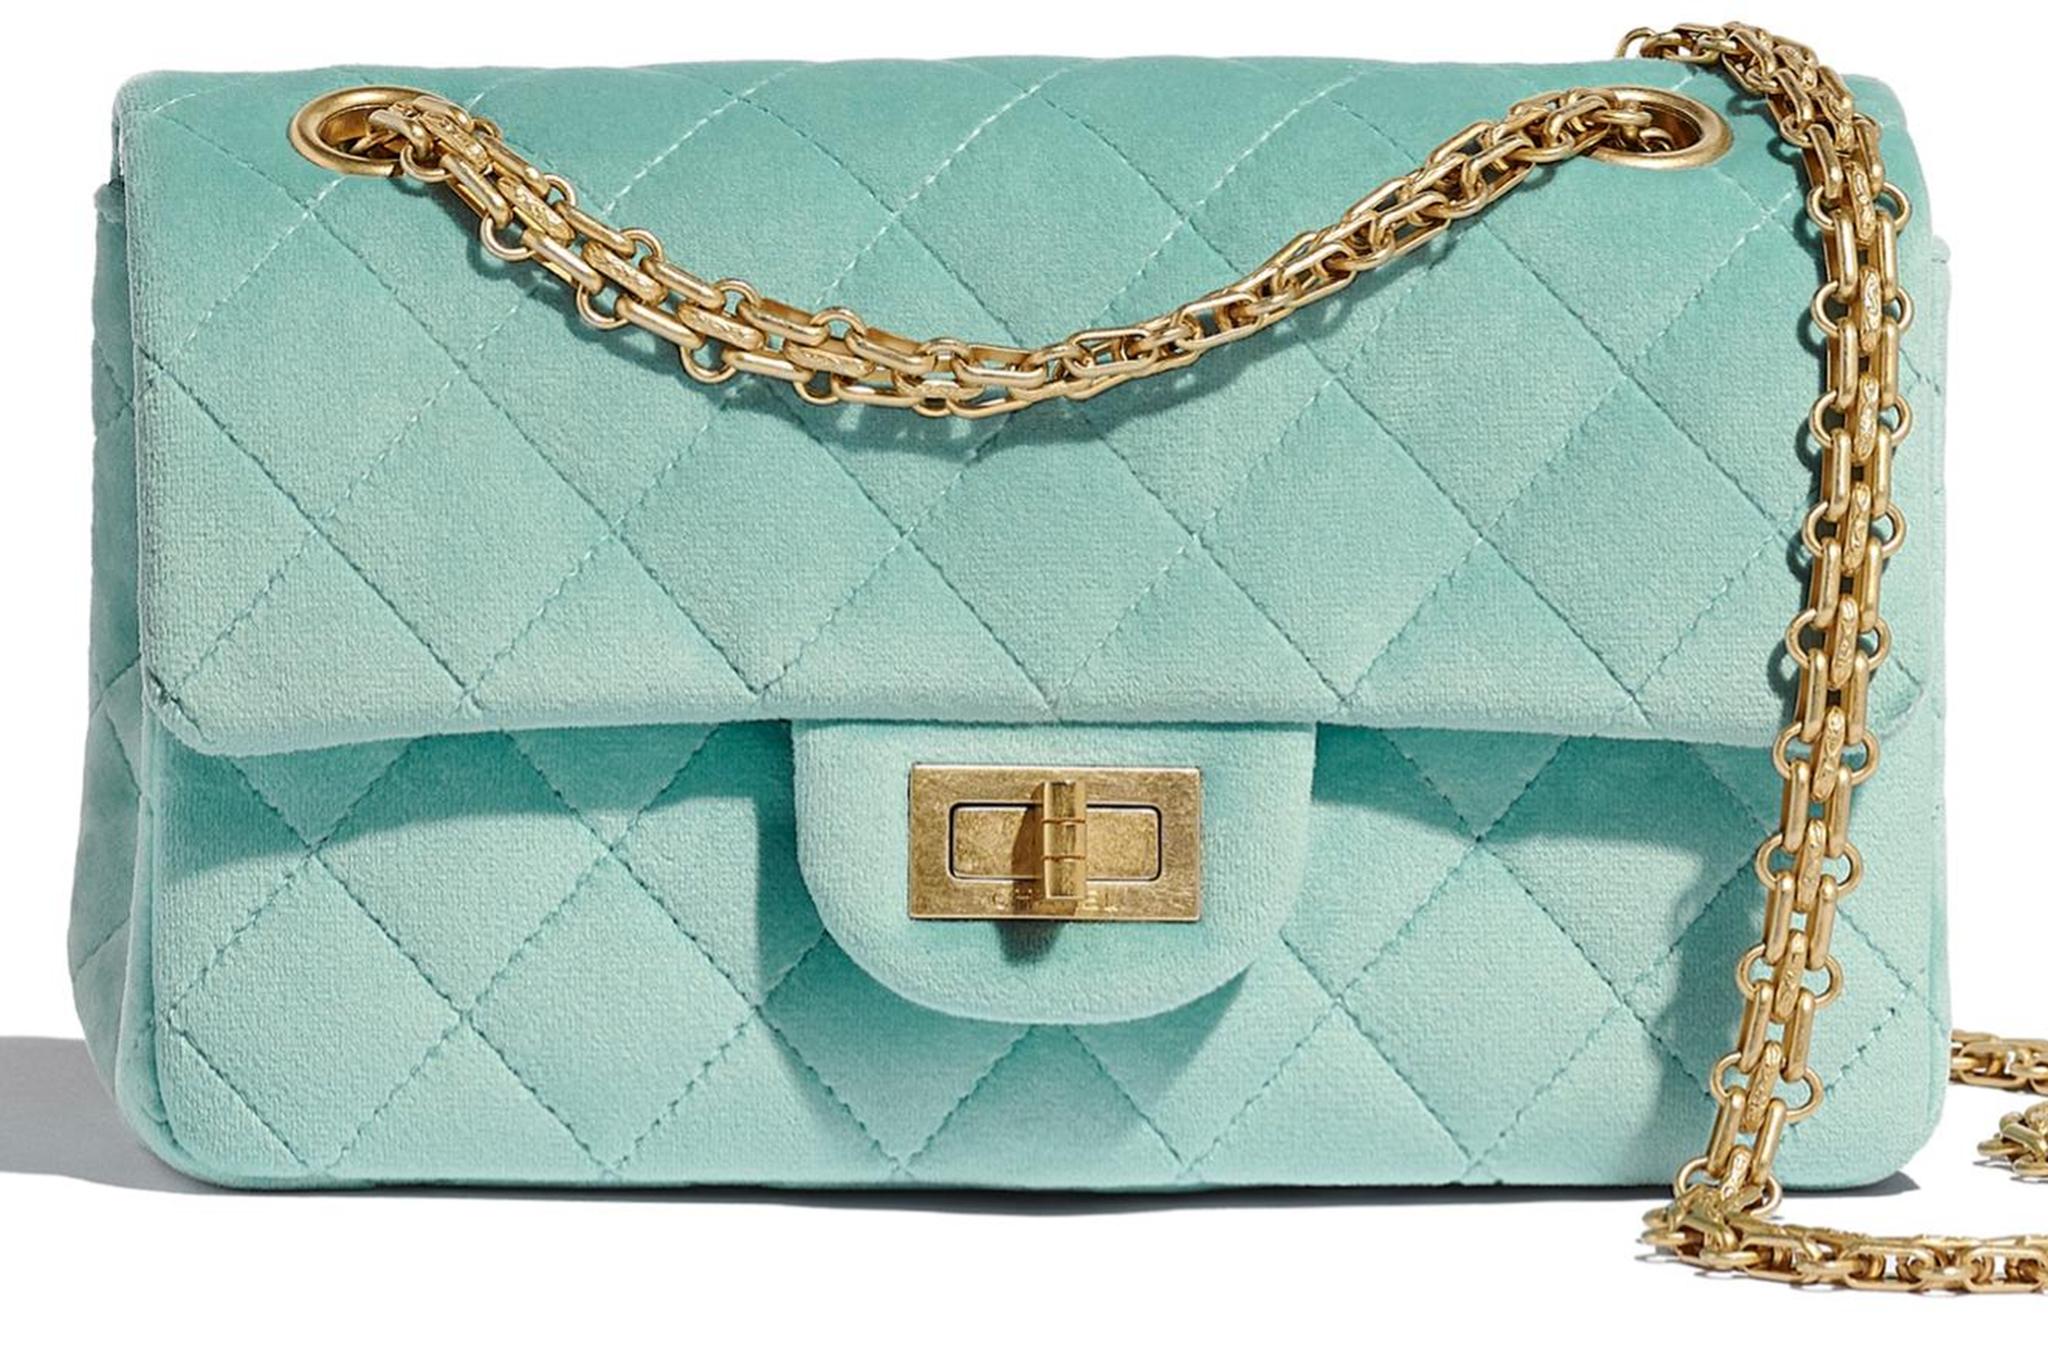 Chanel's 2.55 Bag